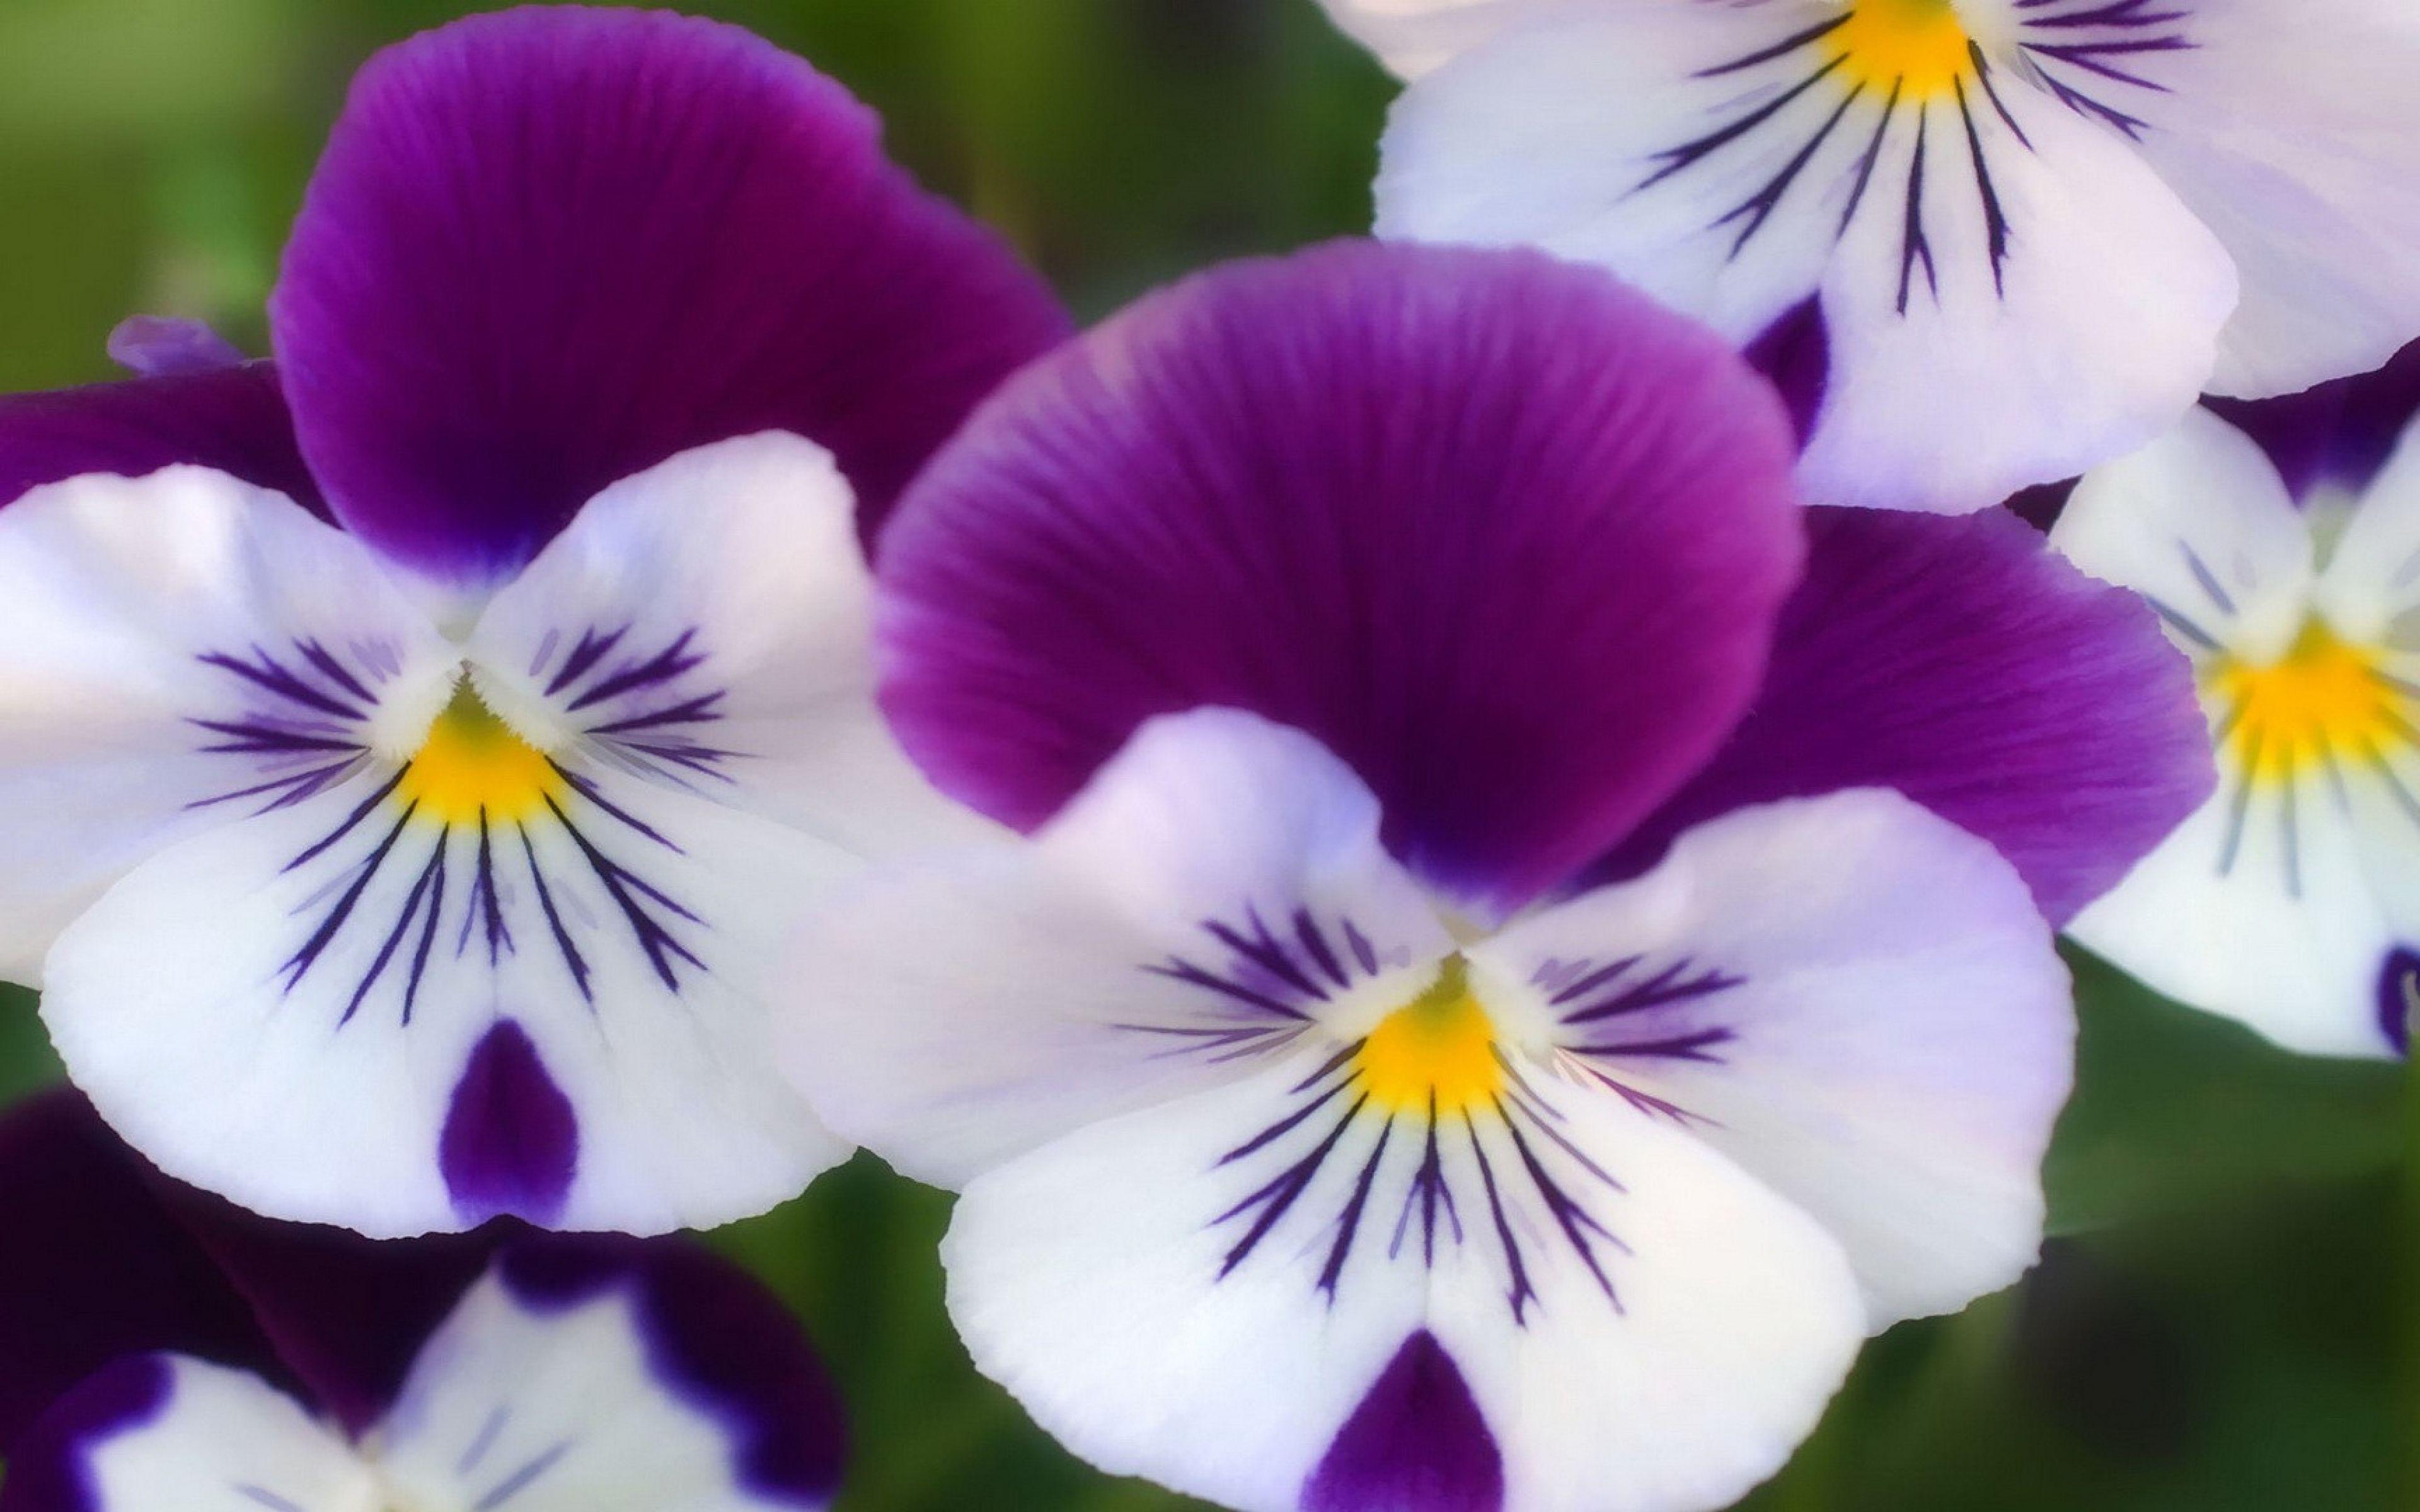 Purple Flowers 4k Ultra Hd Wallpaper Purple White Yellow